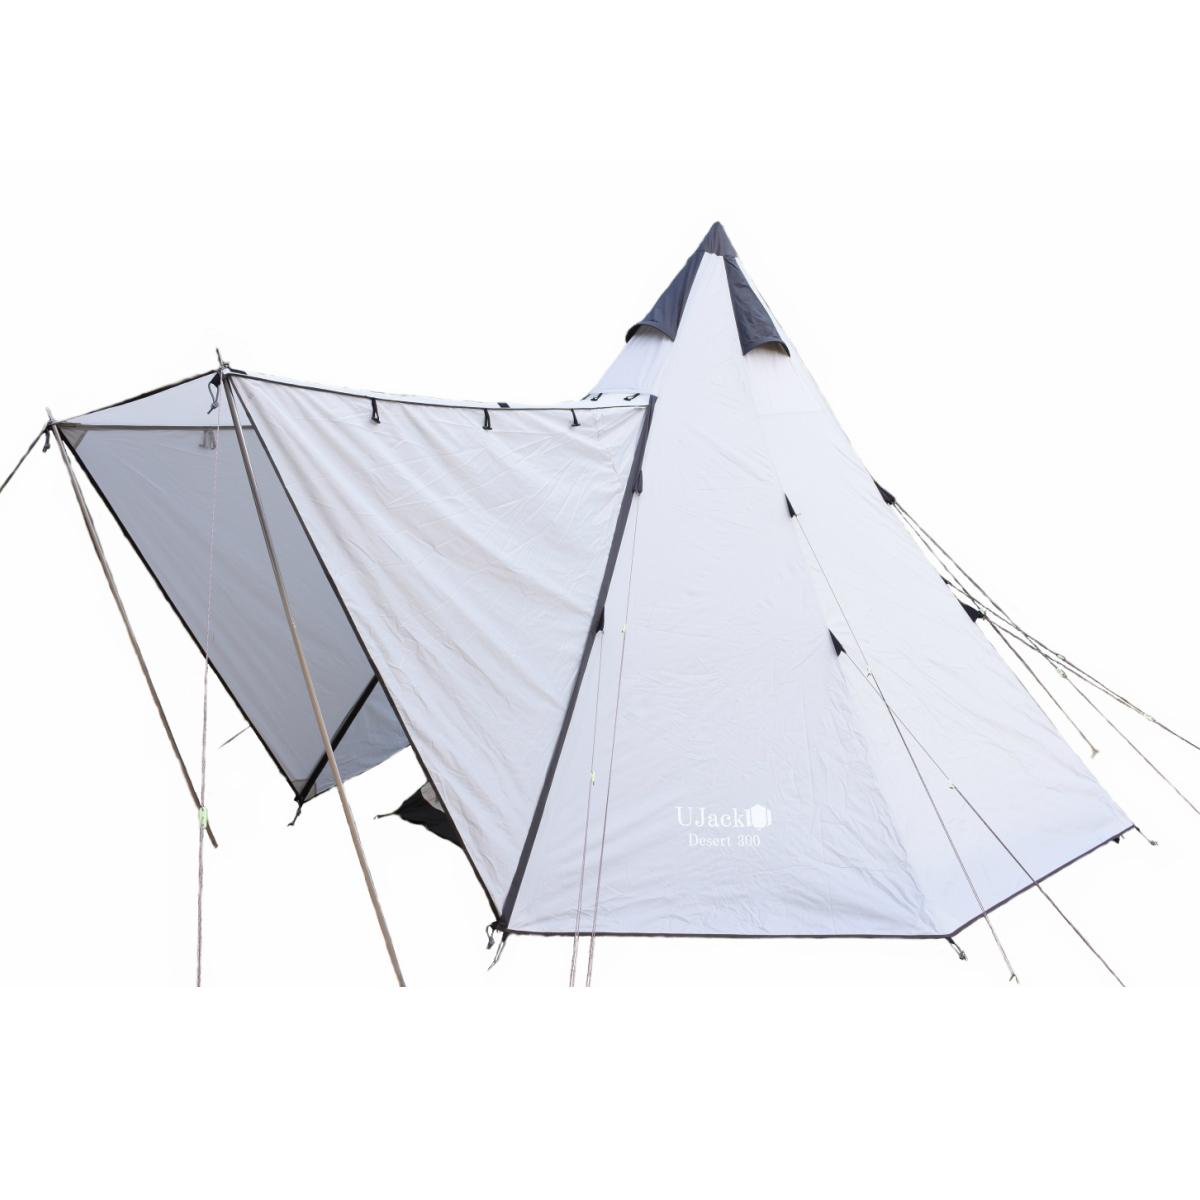 UJack(ユージャック) テント ワンポールテント Desert300 1~4人用 コットンインナー